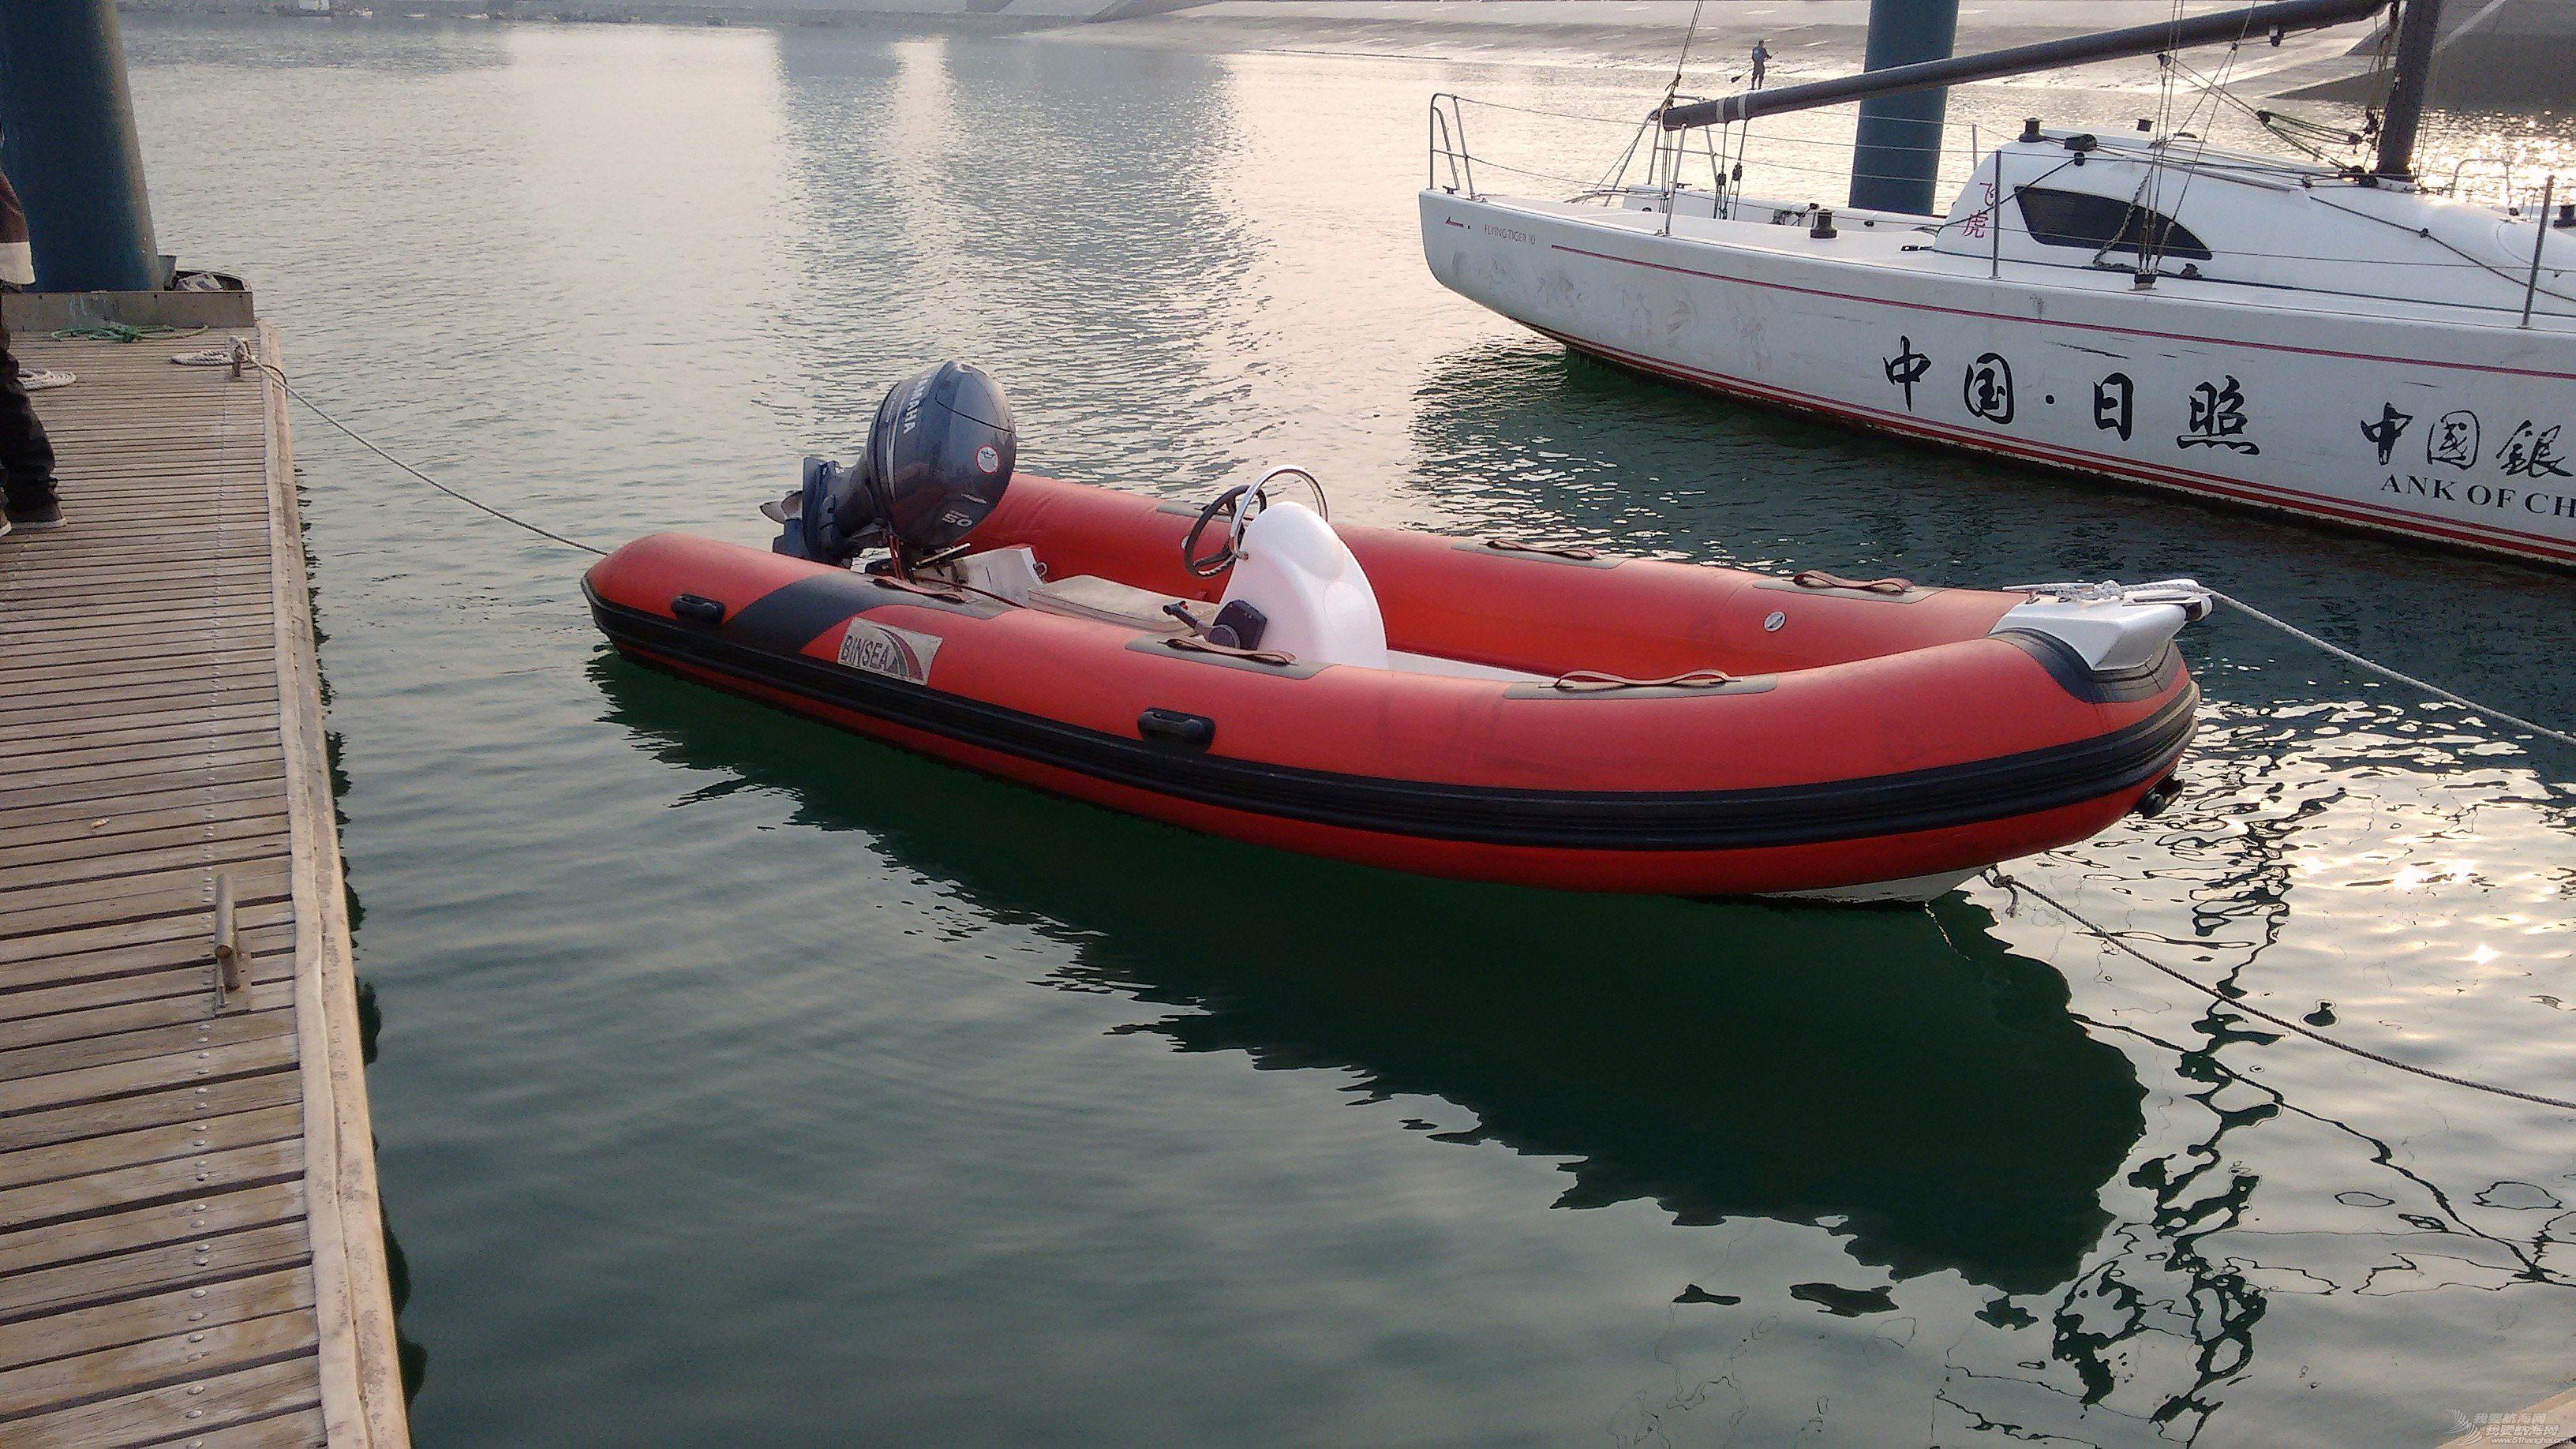 免费航海不是梦----VIP班也可以